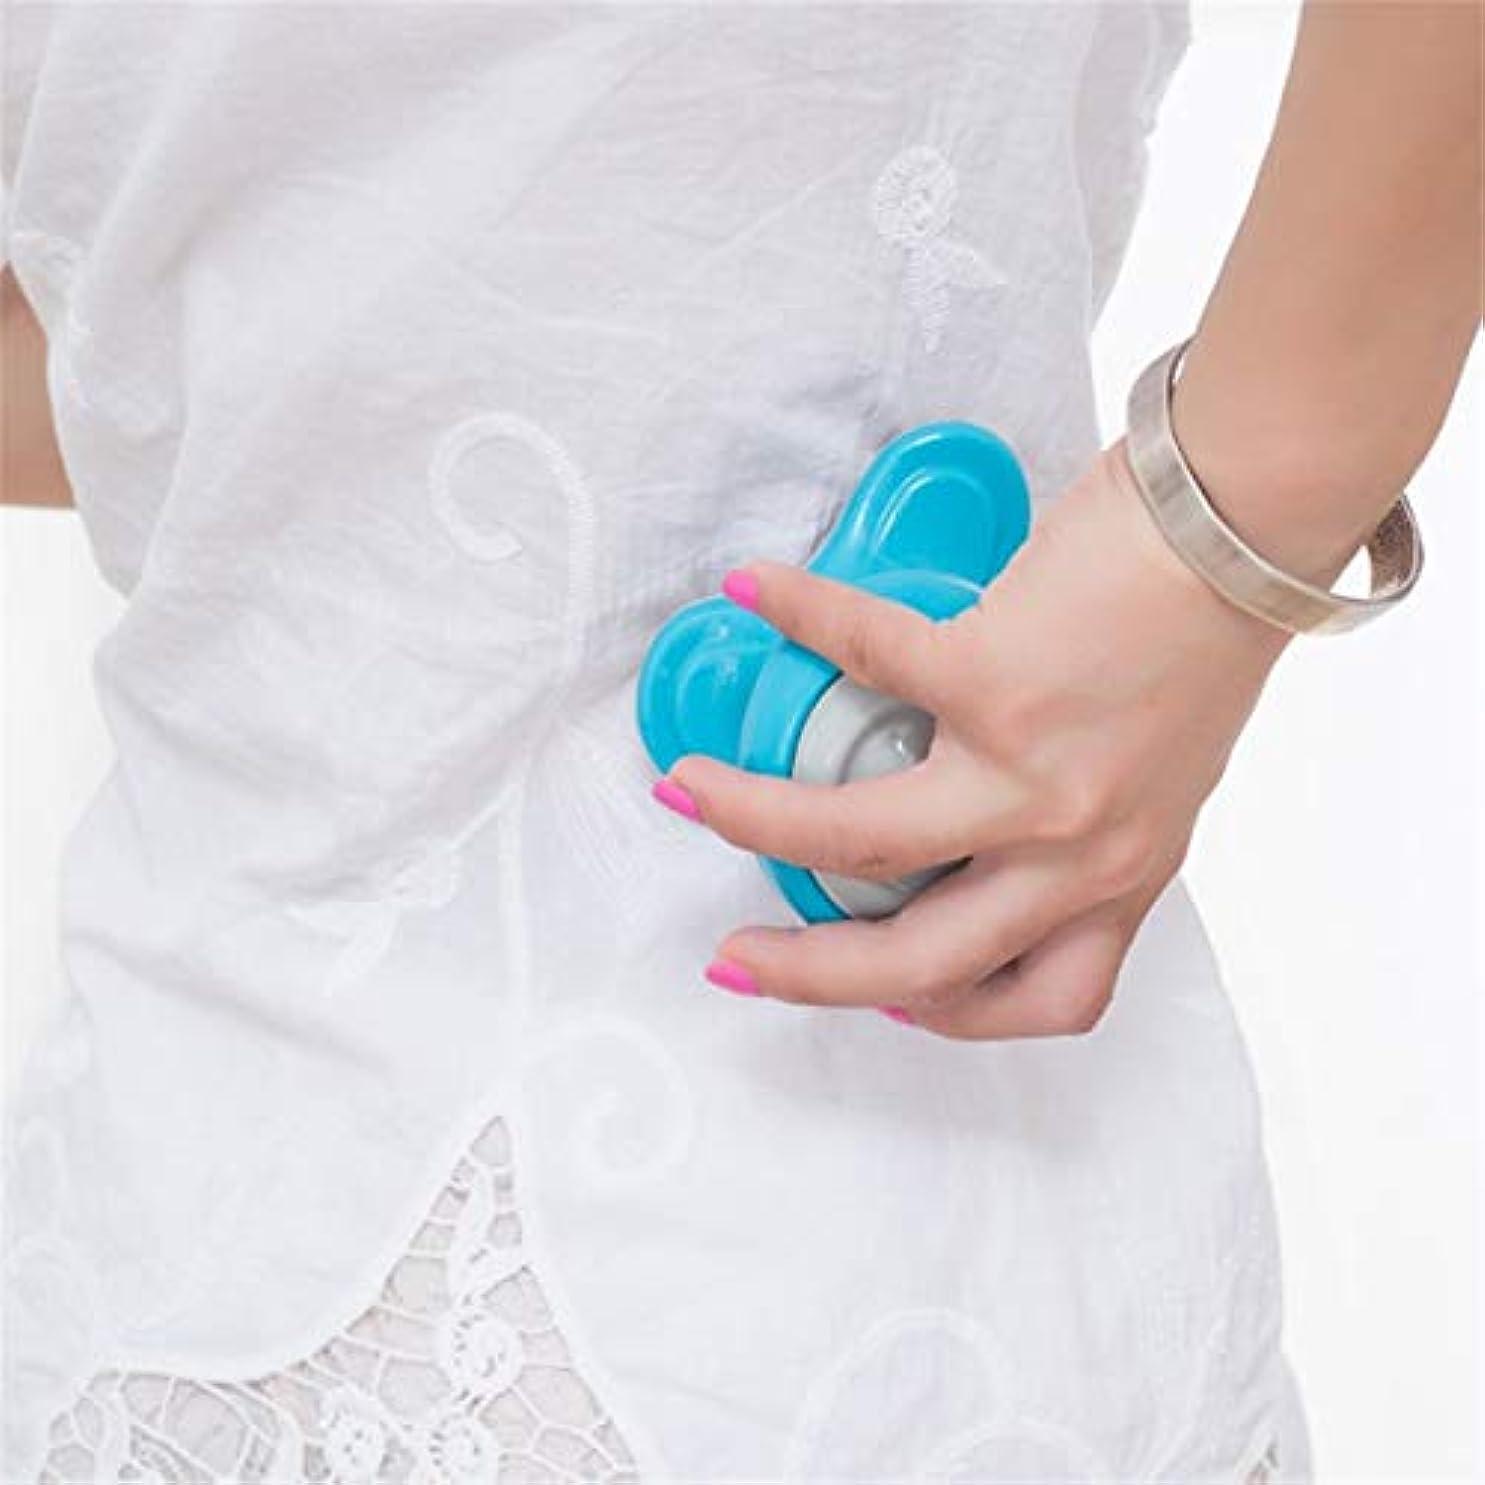 全能原子炉無限大Mini Electric Handled Wave Vibrating Massager USB Battery Full Body Massage Ultra-compact Lightweight Convenient...